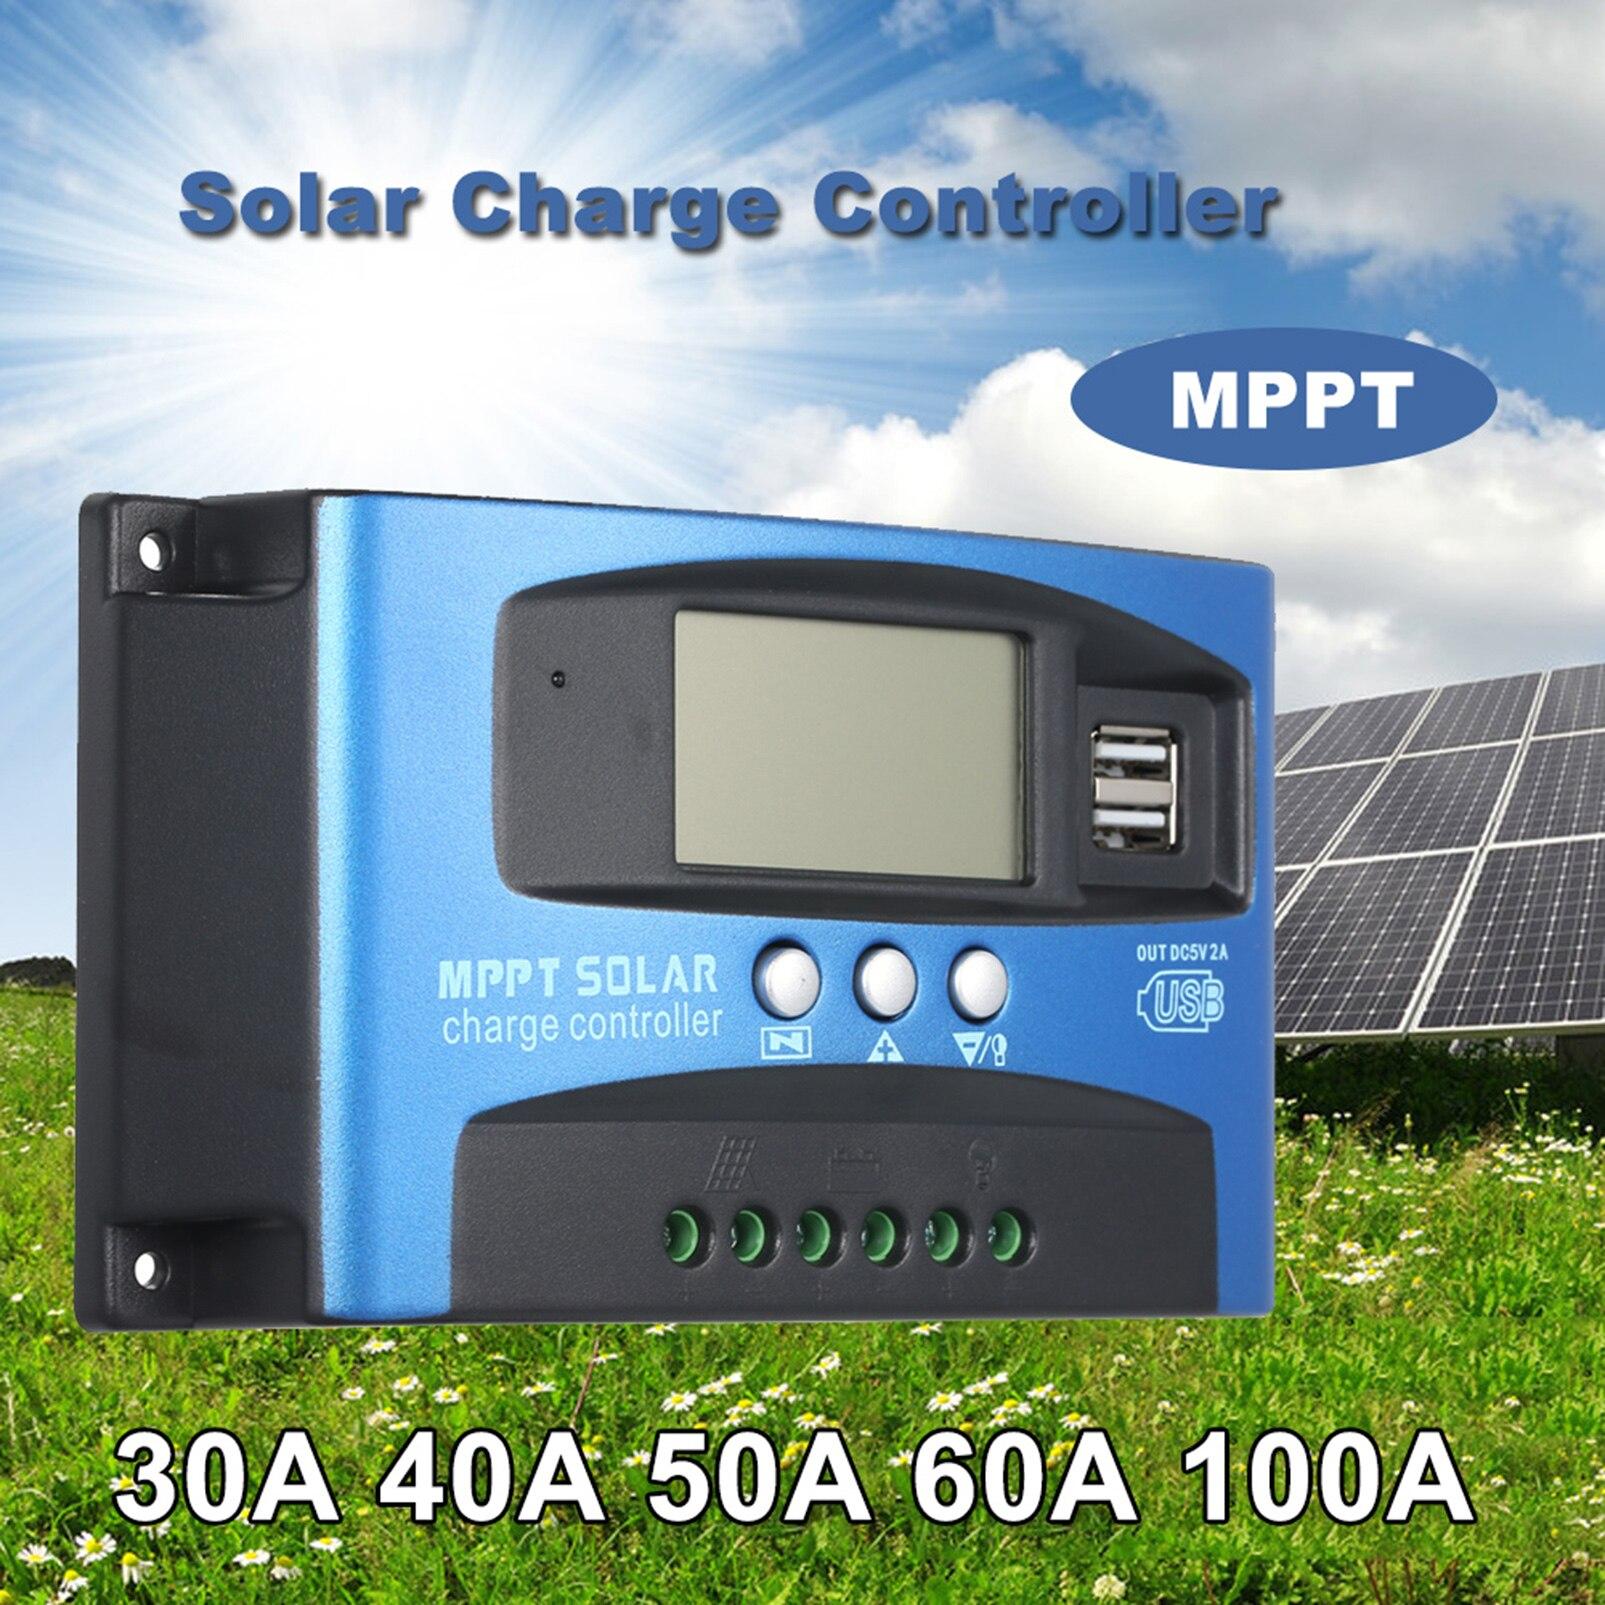 30/40/50/60/100A MPPT الشمسية جهاز التحكم في الشحن المزدوج USB شاشة الكريستال السائل السيارات ألواح خلايا شمسية شاحن منظم تحميل مفرغ